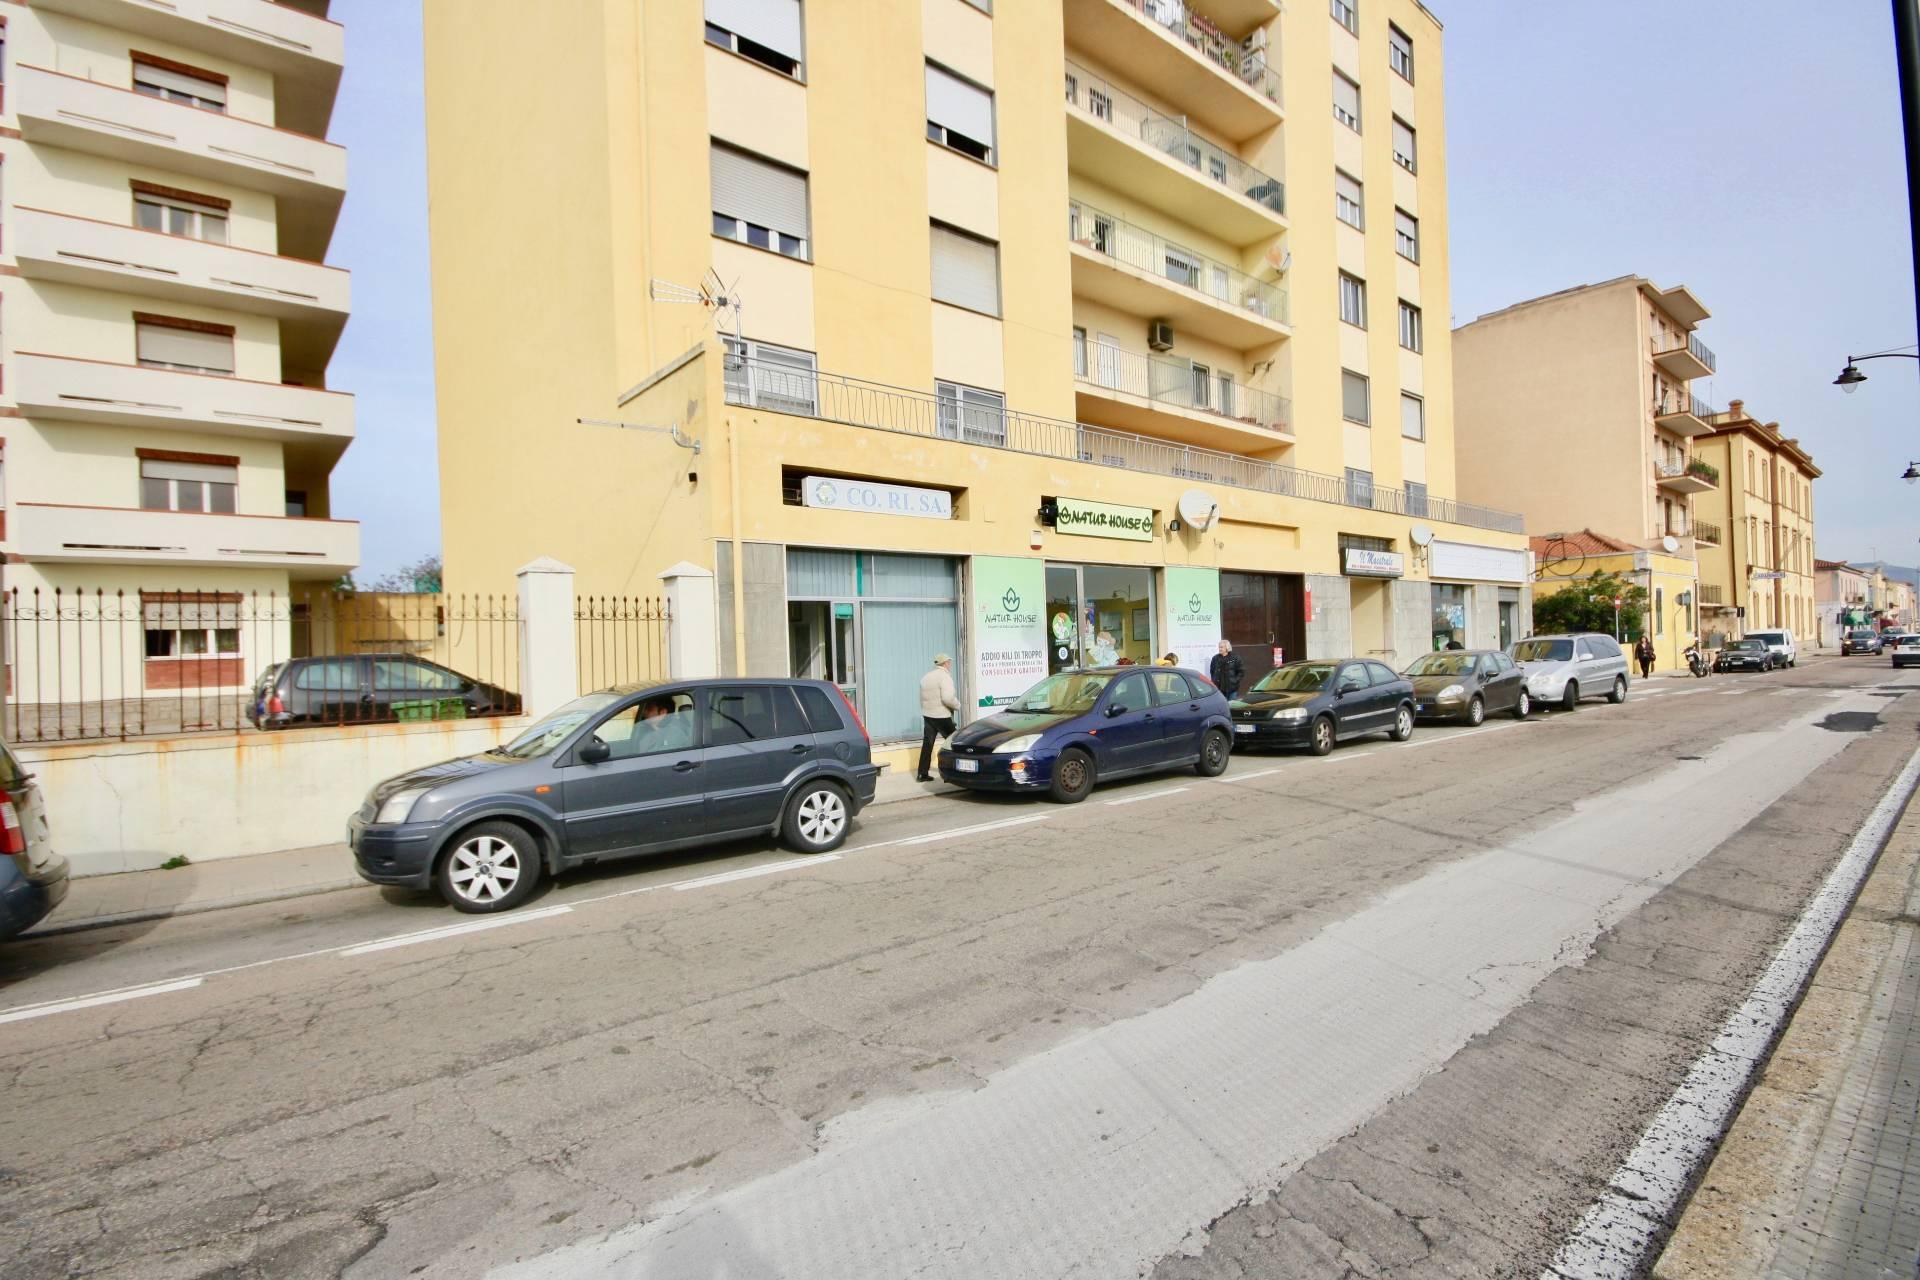 Negozio / Locale in vendita a Olbia - Porto Rotondo, 9999 locali, zona Località: Olbiacittà, prezzo € 180.000 | CambioCasa.it